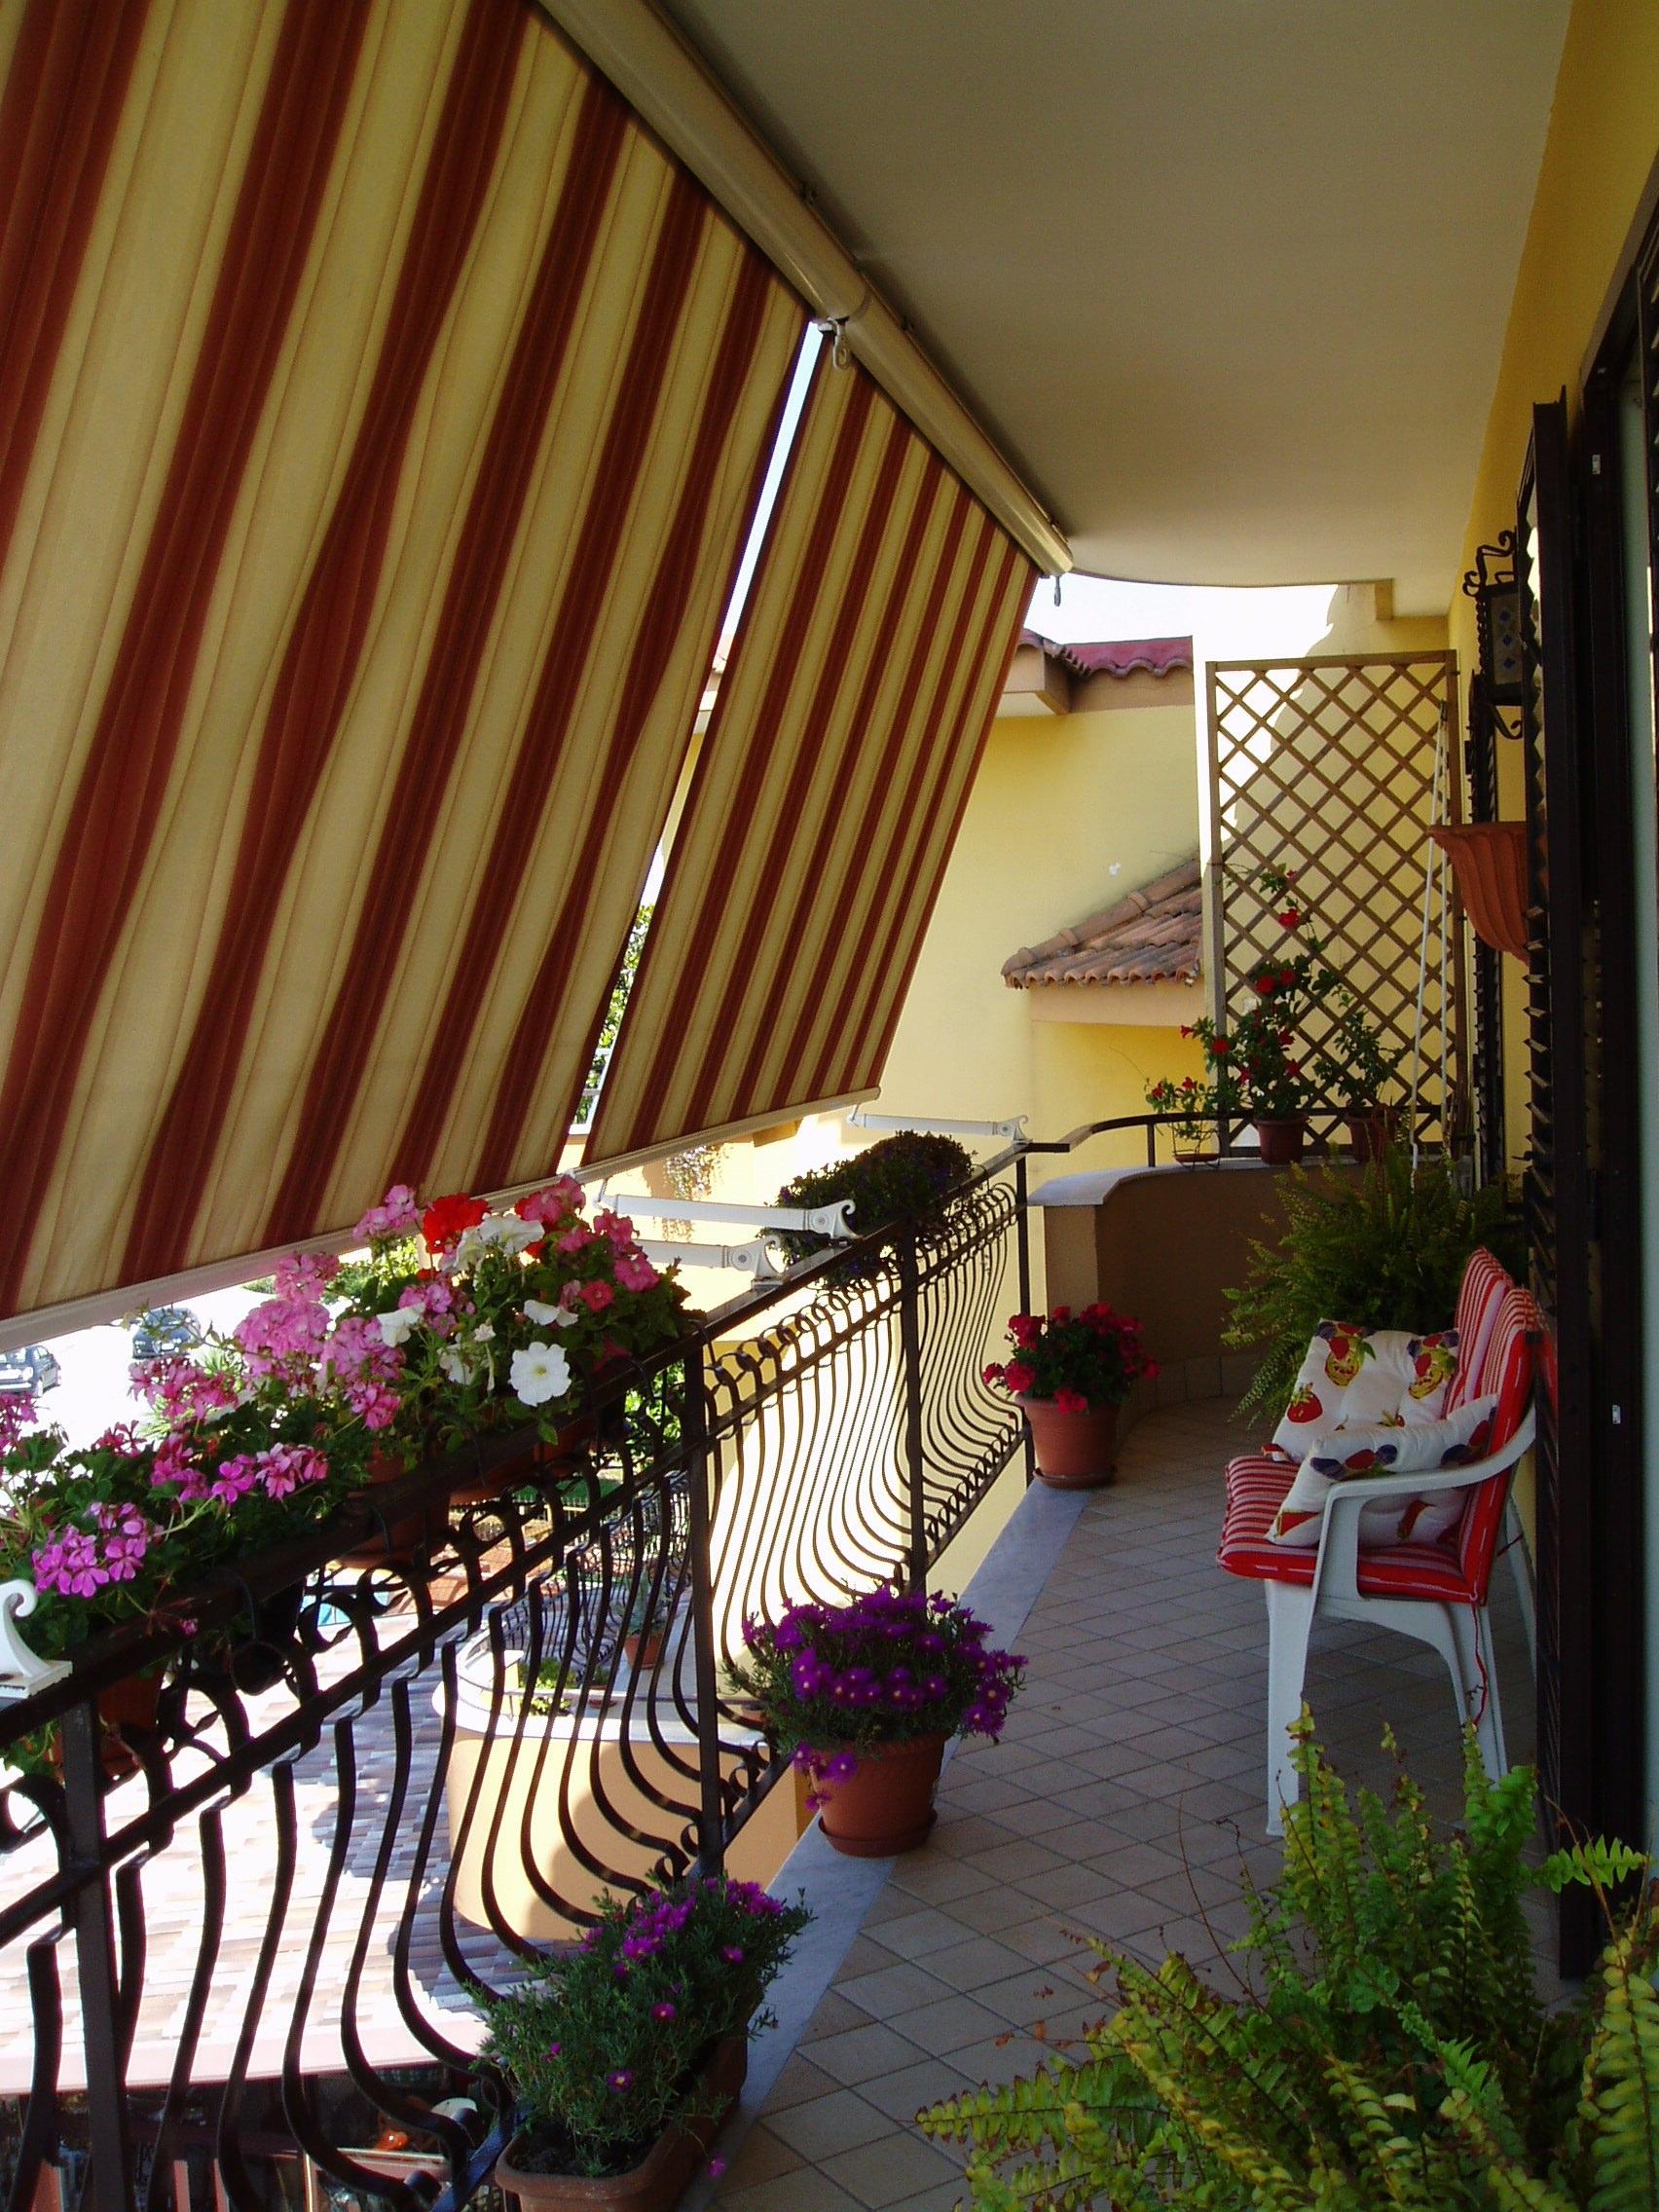 Как украсить балкон своими руками : фото идеи декора лоджии